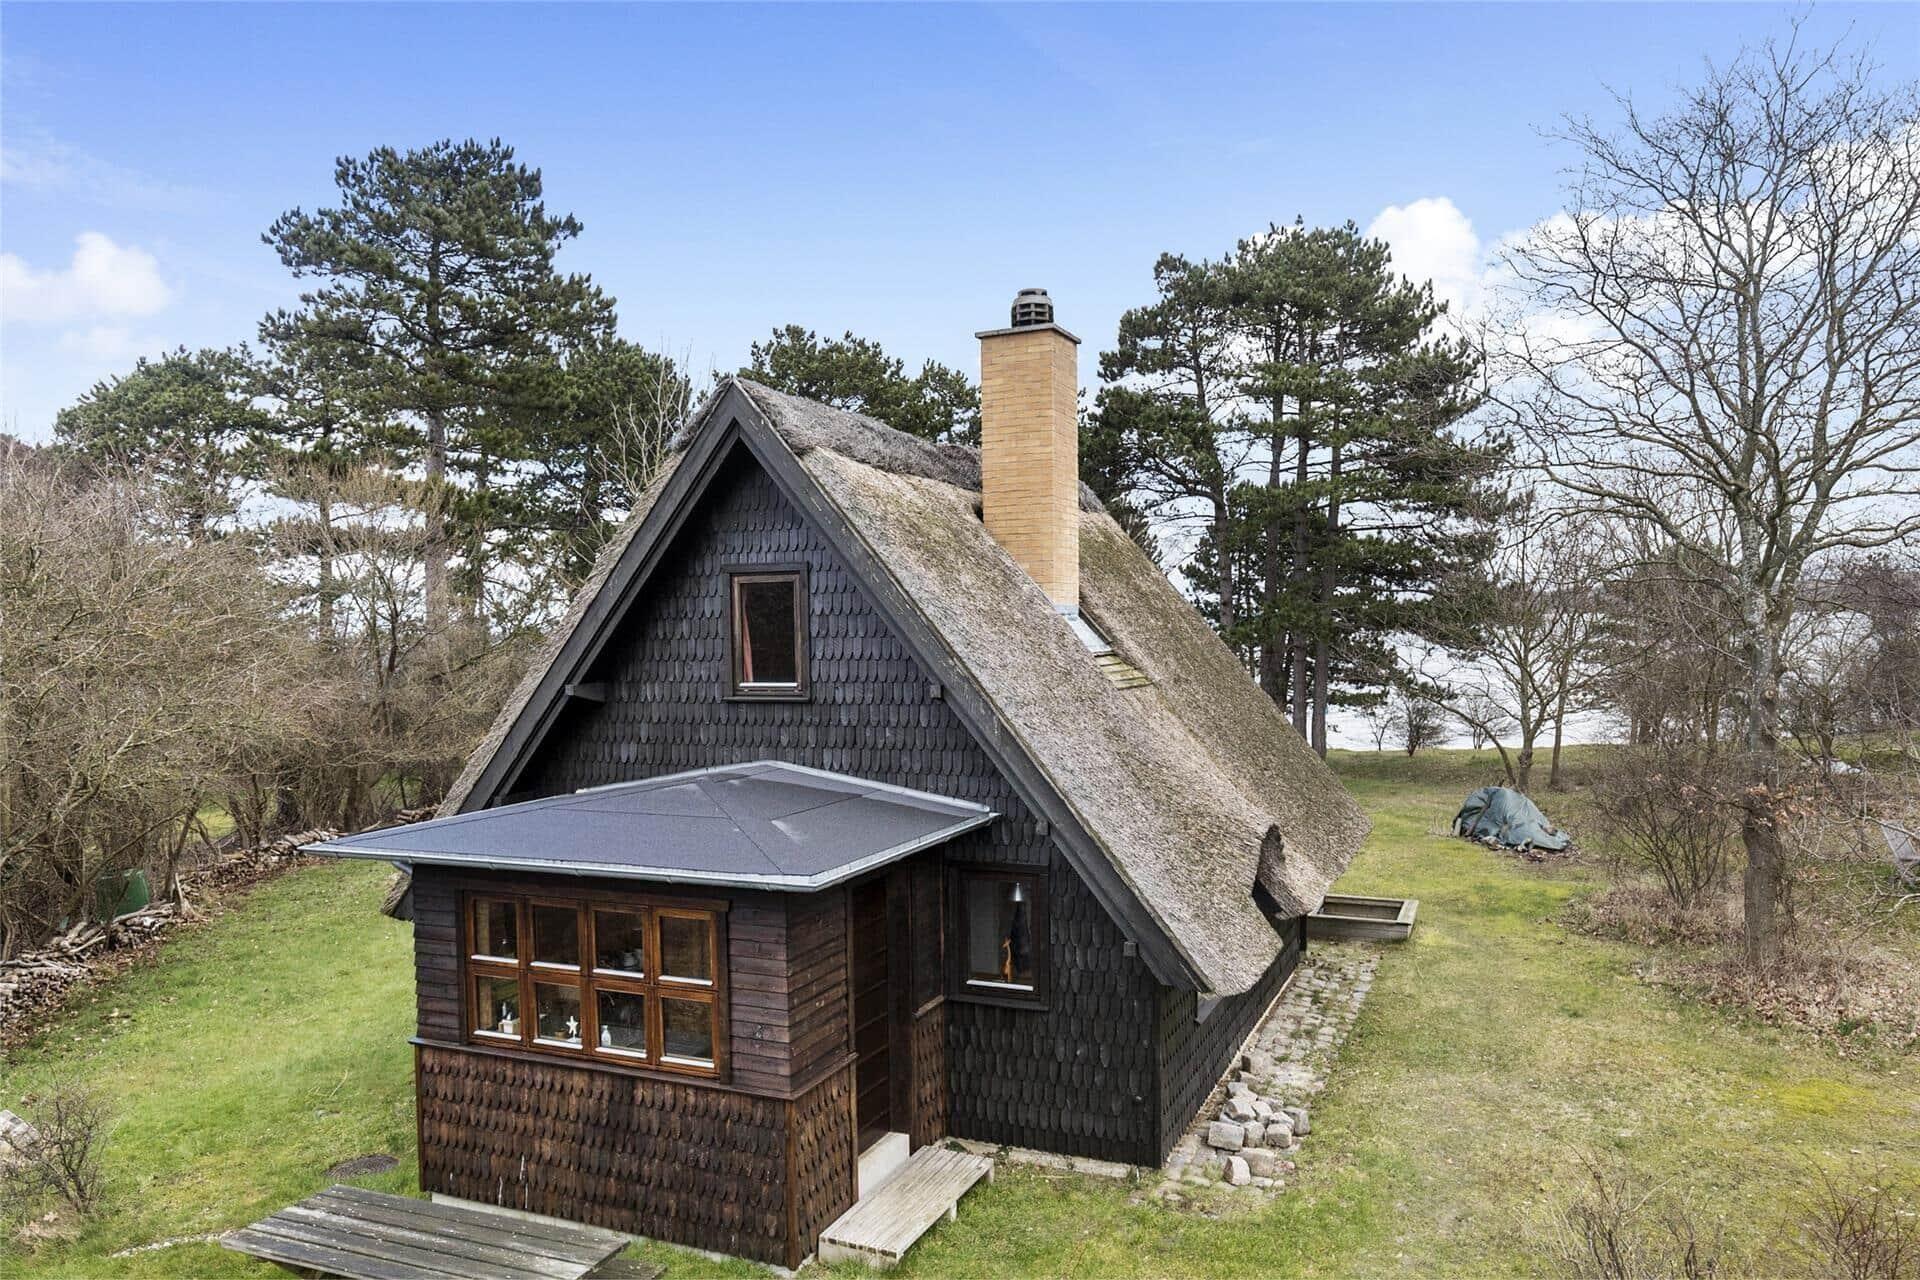 Billede 1-17 Sommerhus 16644, Næsvej 34, DK - 4540 Fårevejle